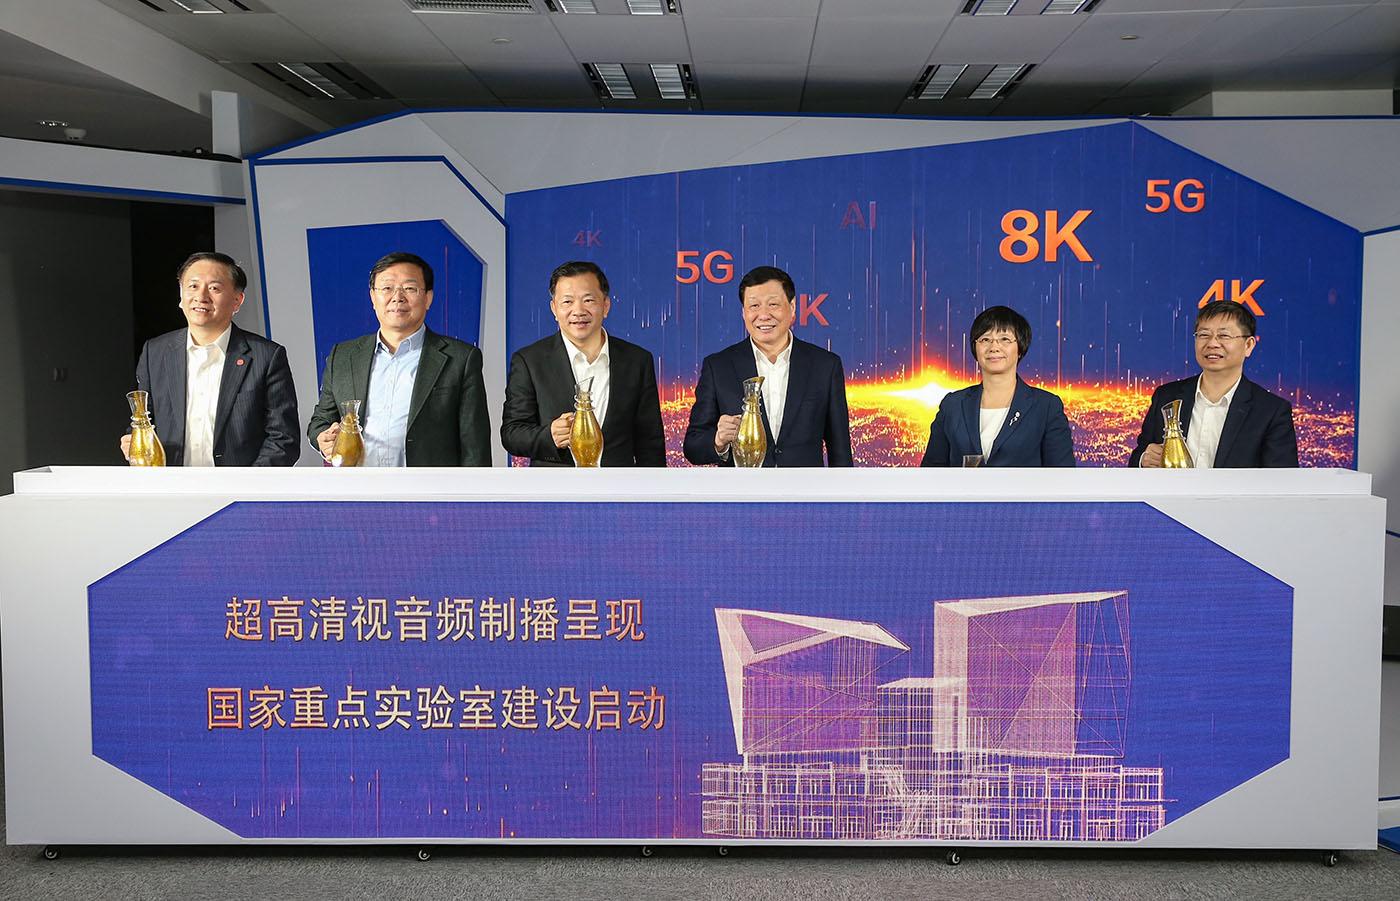 我国首个超高清视音频国家重点实验室在沪启动建设慎海雄、应勇出席